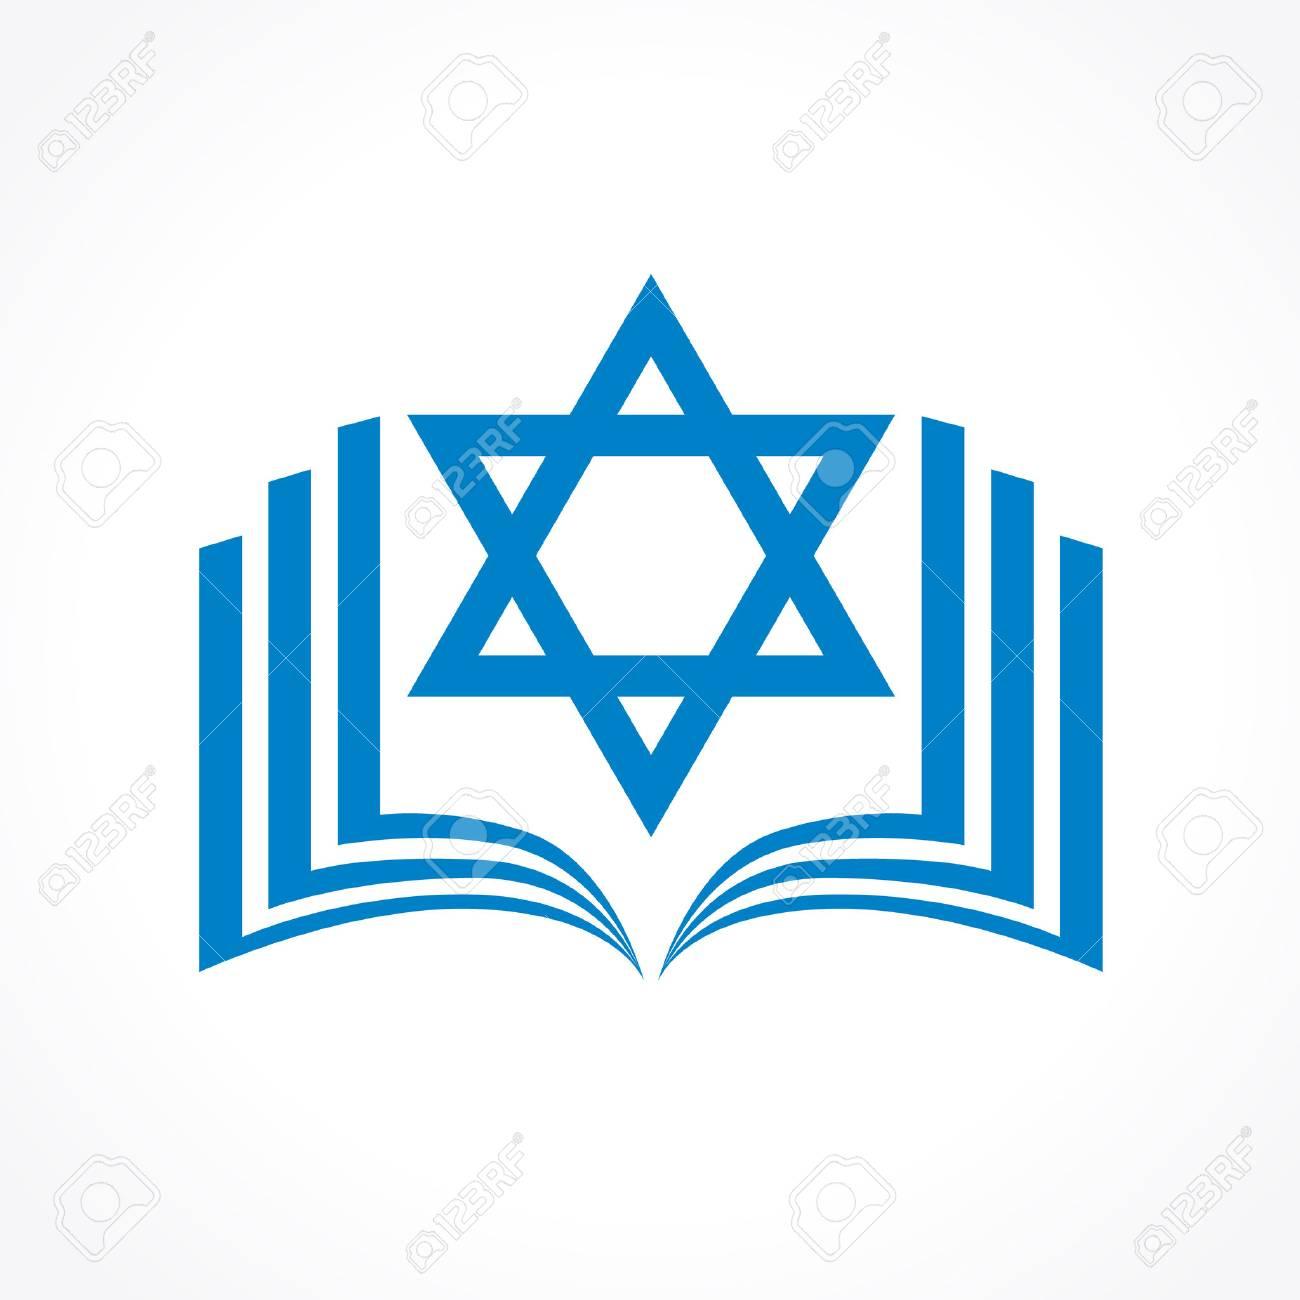 Torah En Ligne Ou Tanakh Logo Vectoriel. Ouvrir Le Livre Avec David Clipart  Étoile Icône. Logiciels Ou De L'application De Téléphone Éducatif Signe tout Logiciel Éducatif En Ligne